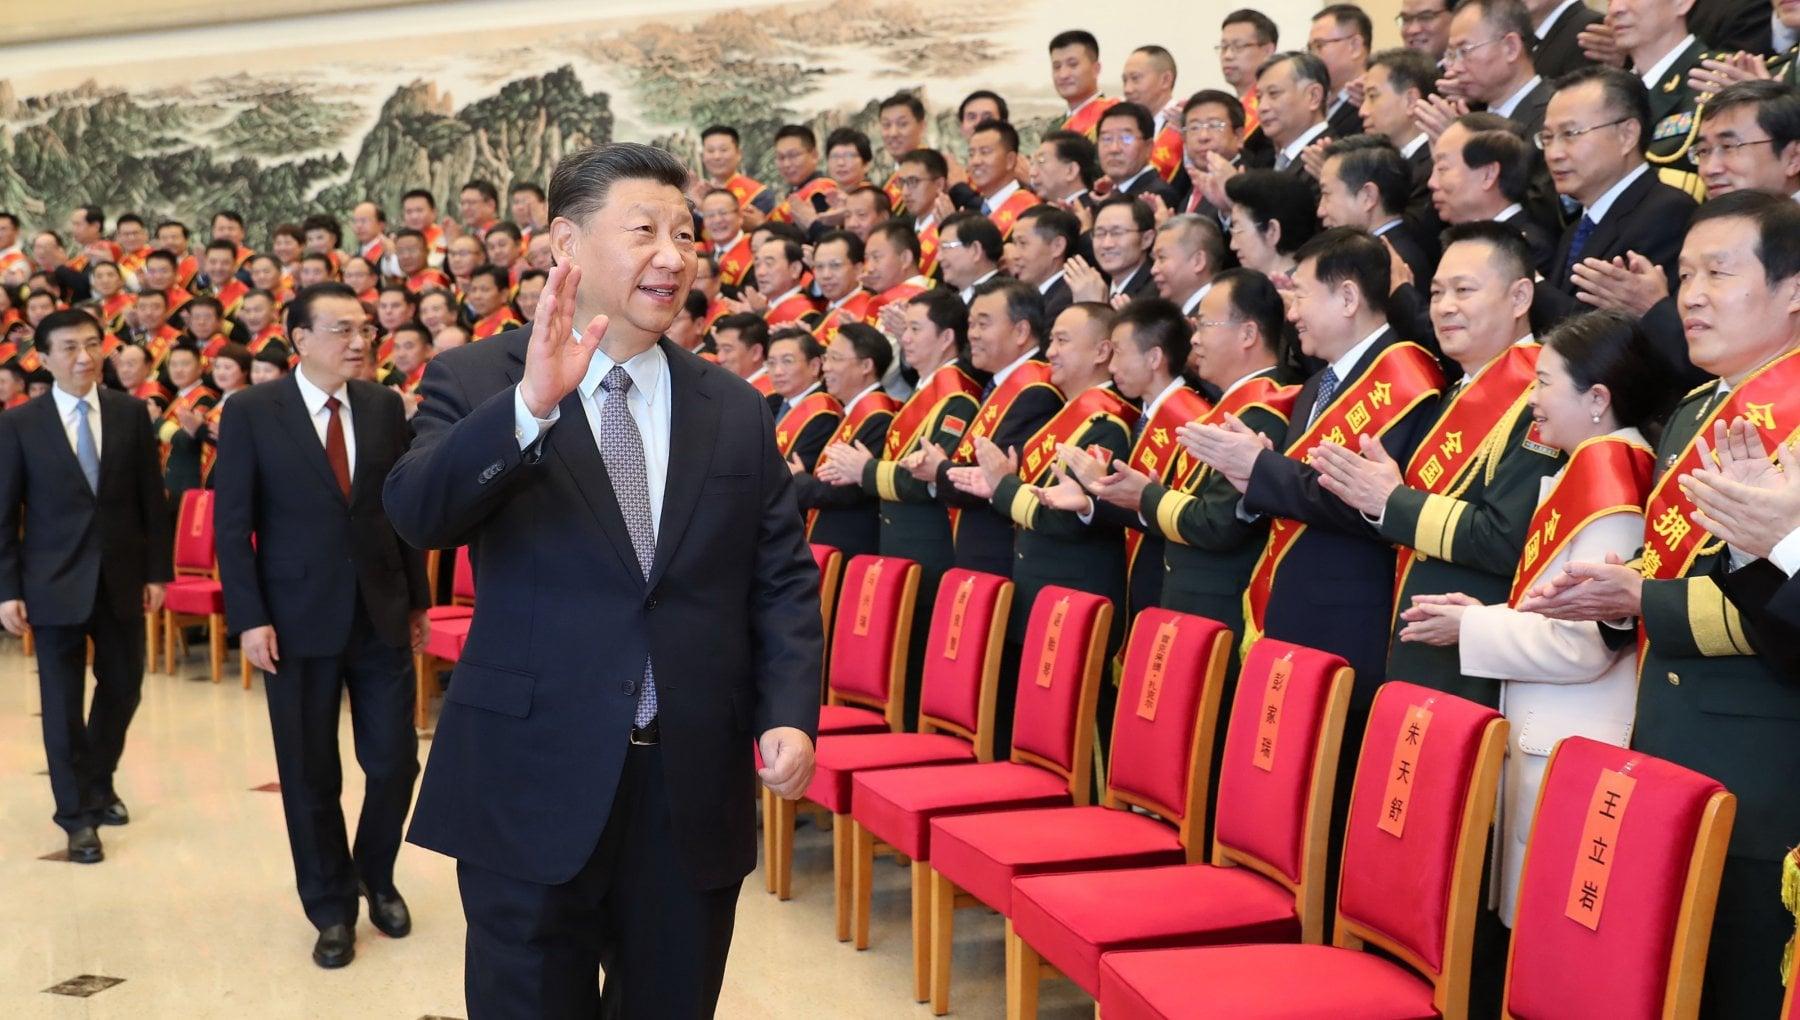 La Cina pronta al dialogo con la nuova America ma nulla sara come prima di Trump